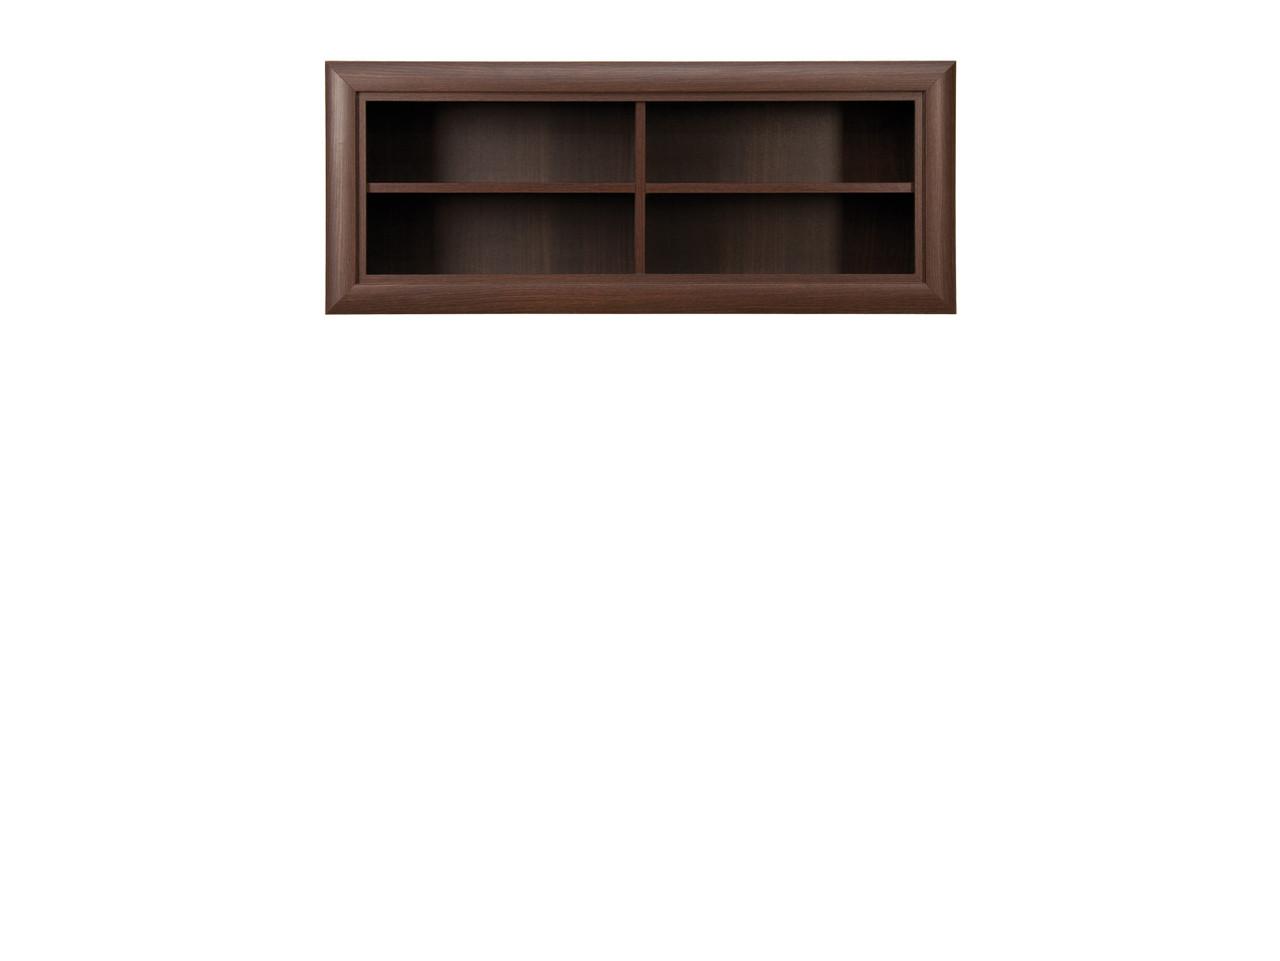 Шкаф для книг навесной, коллекции Коен, Венге Магия, БРВ Брест (Беларусь)